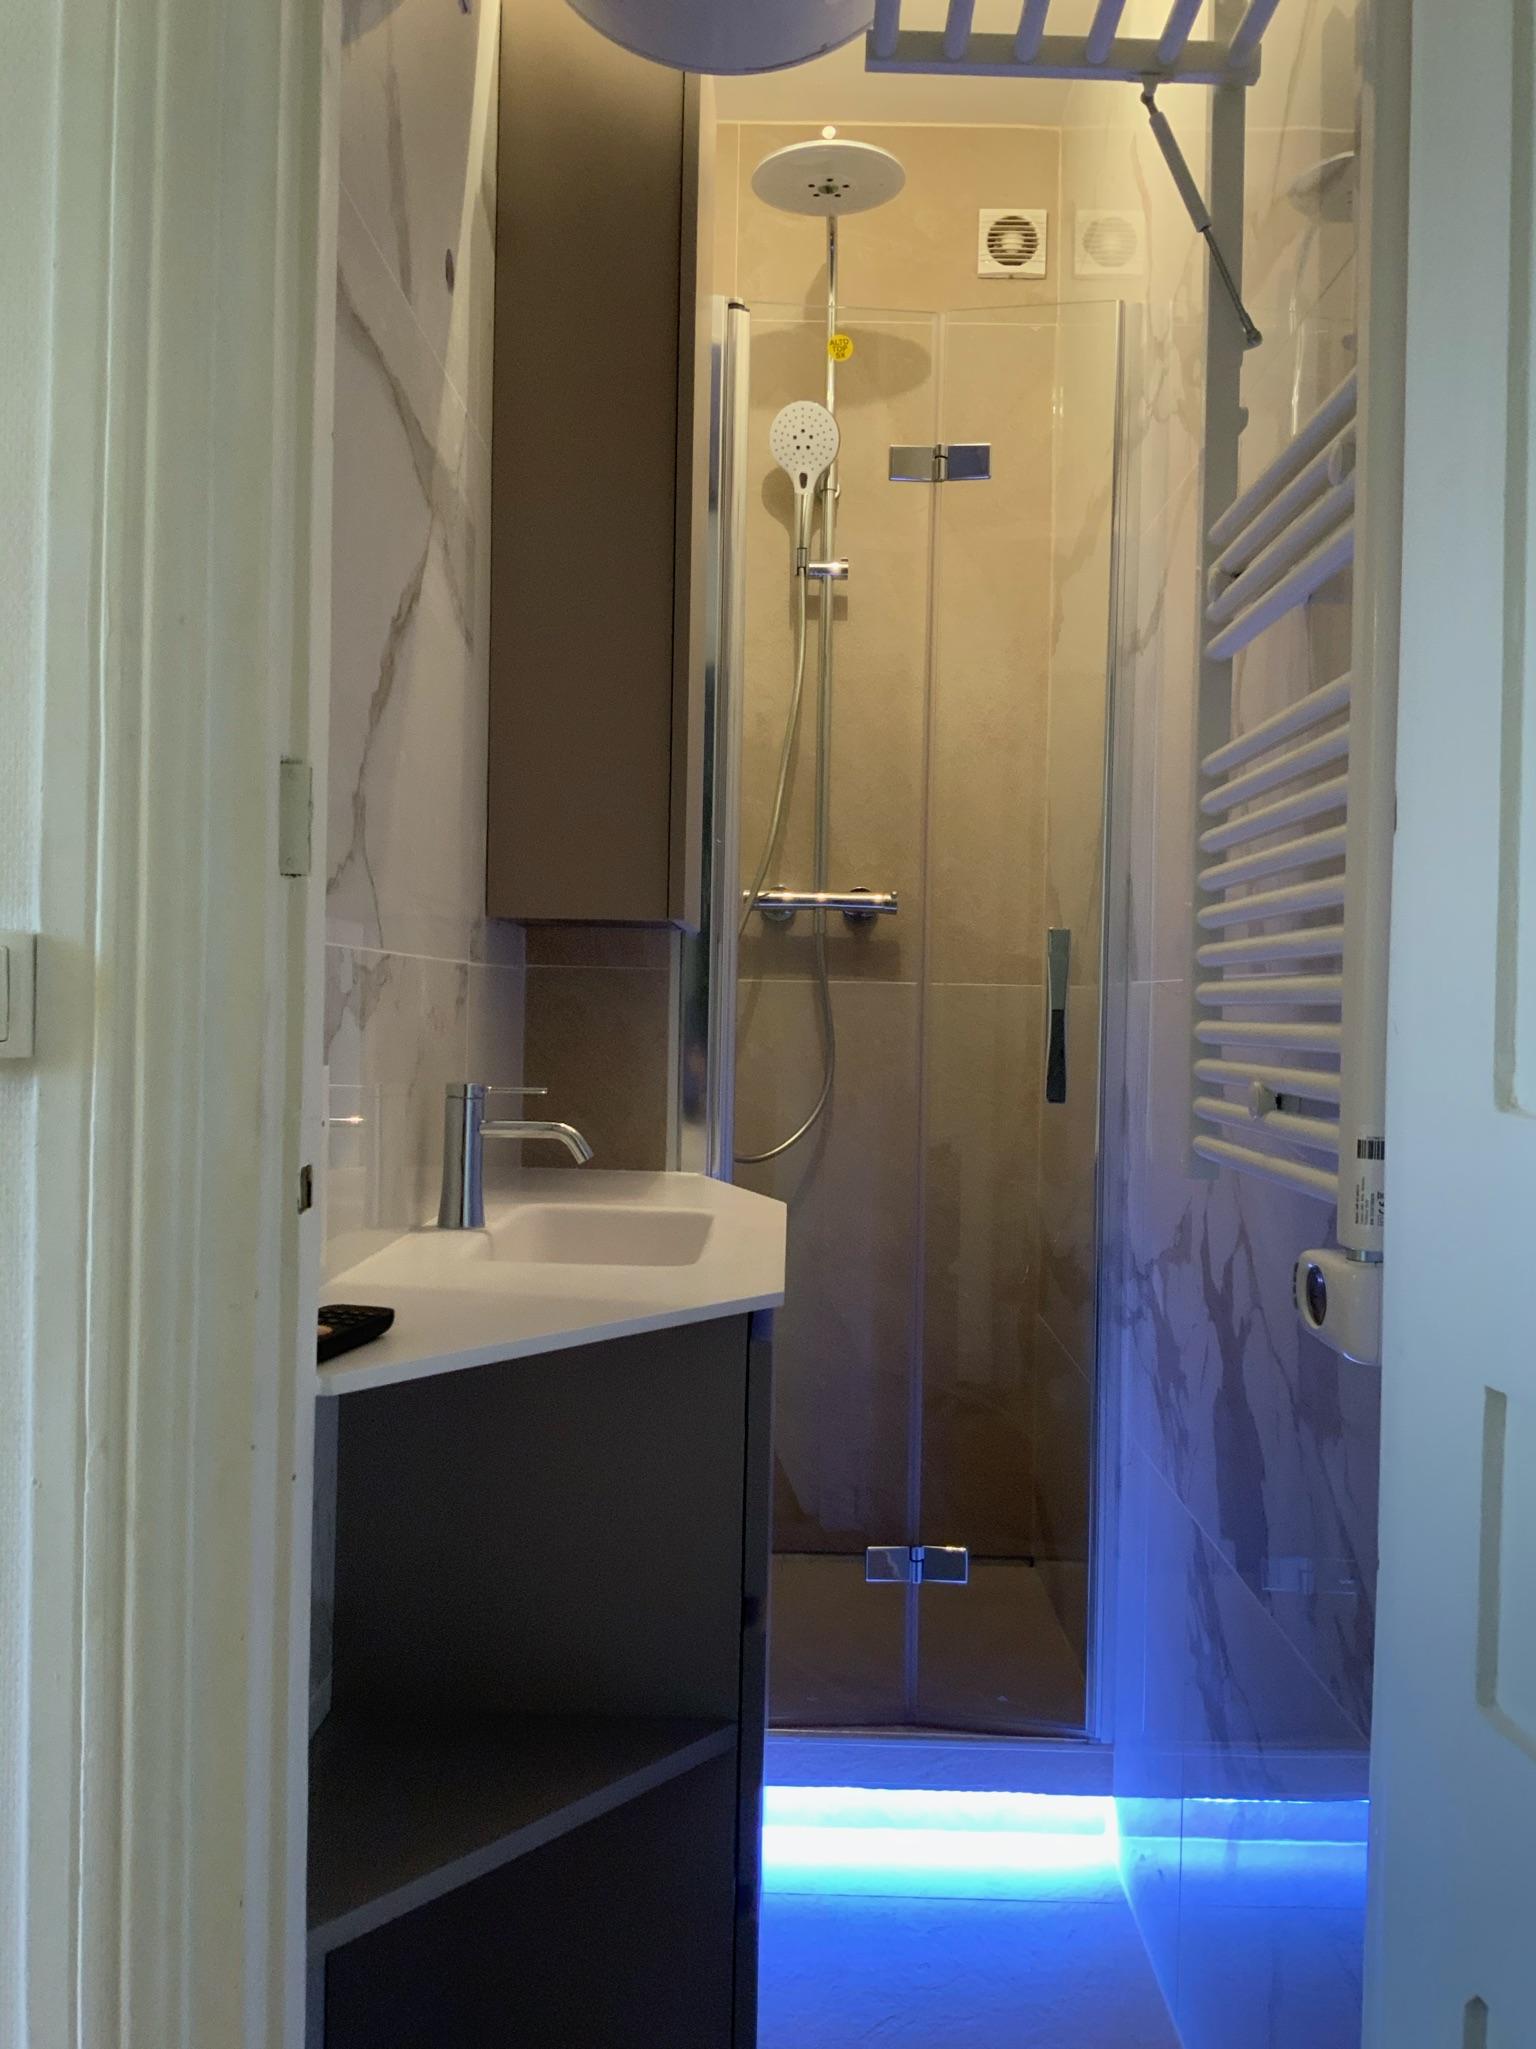 Rénovation salle de bain paris 15ème